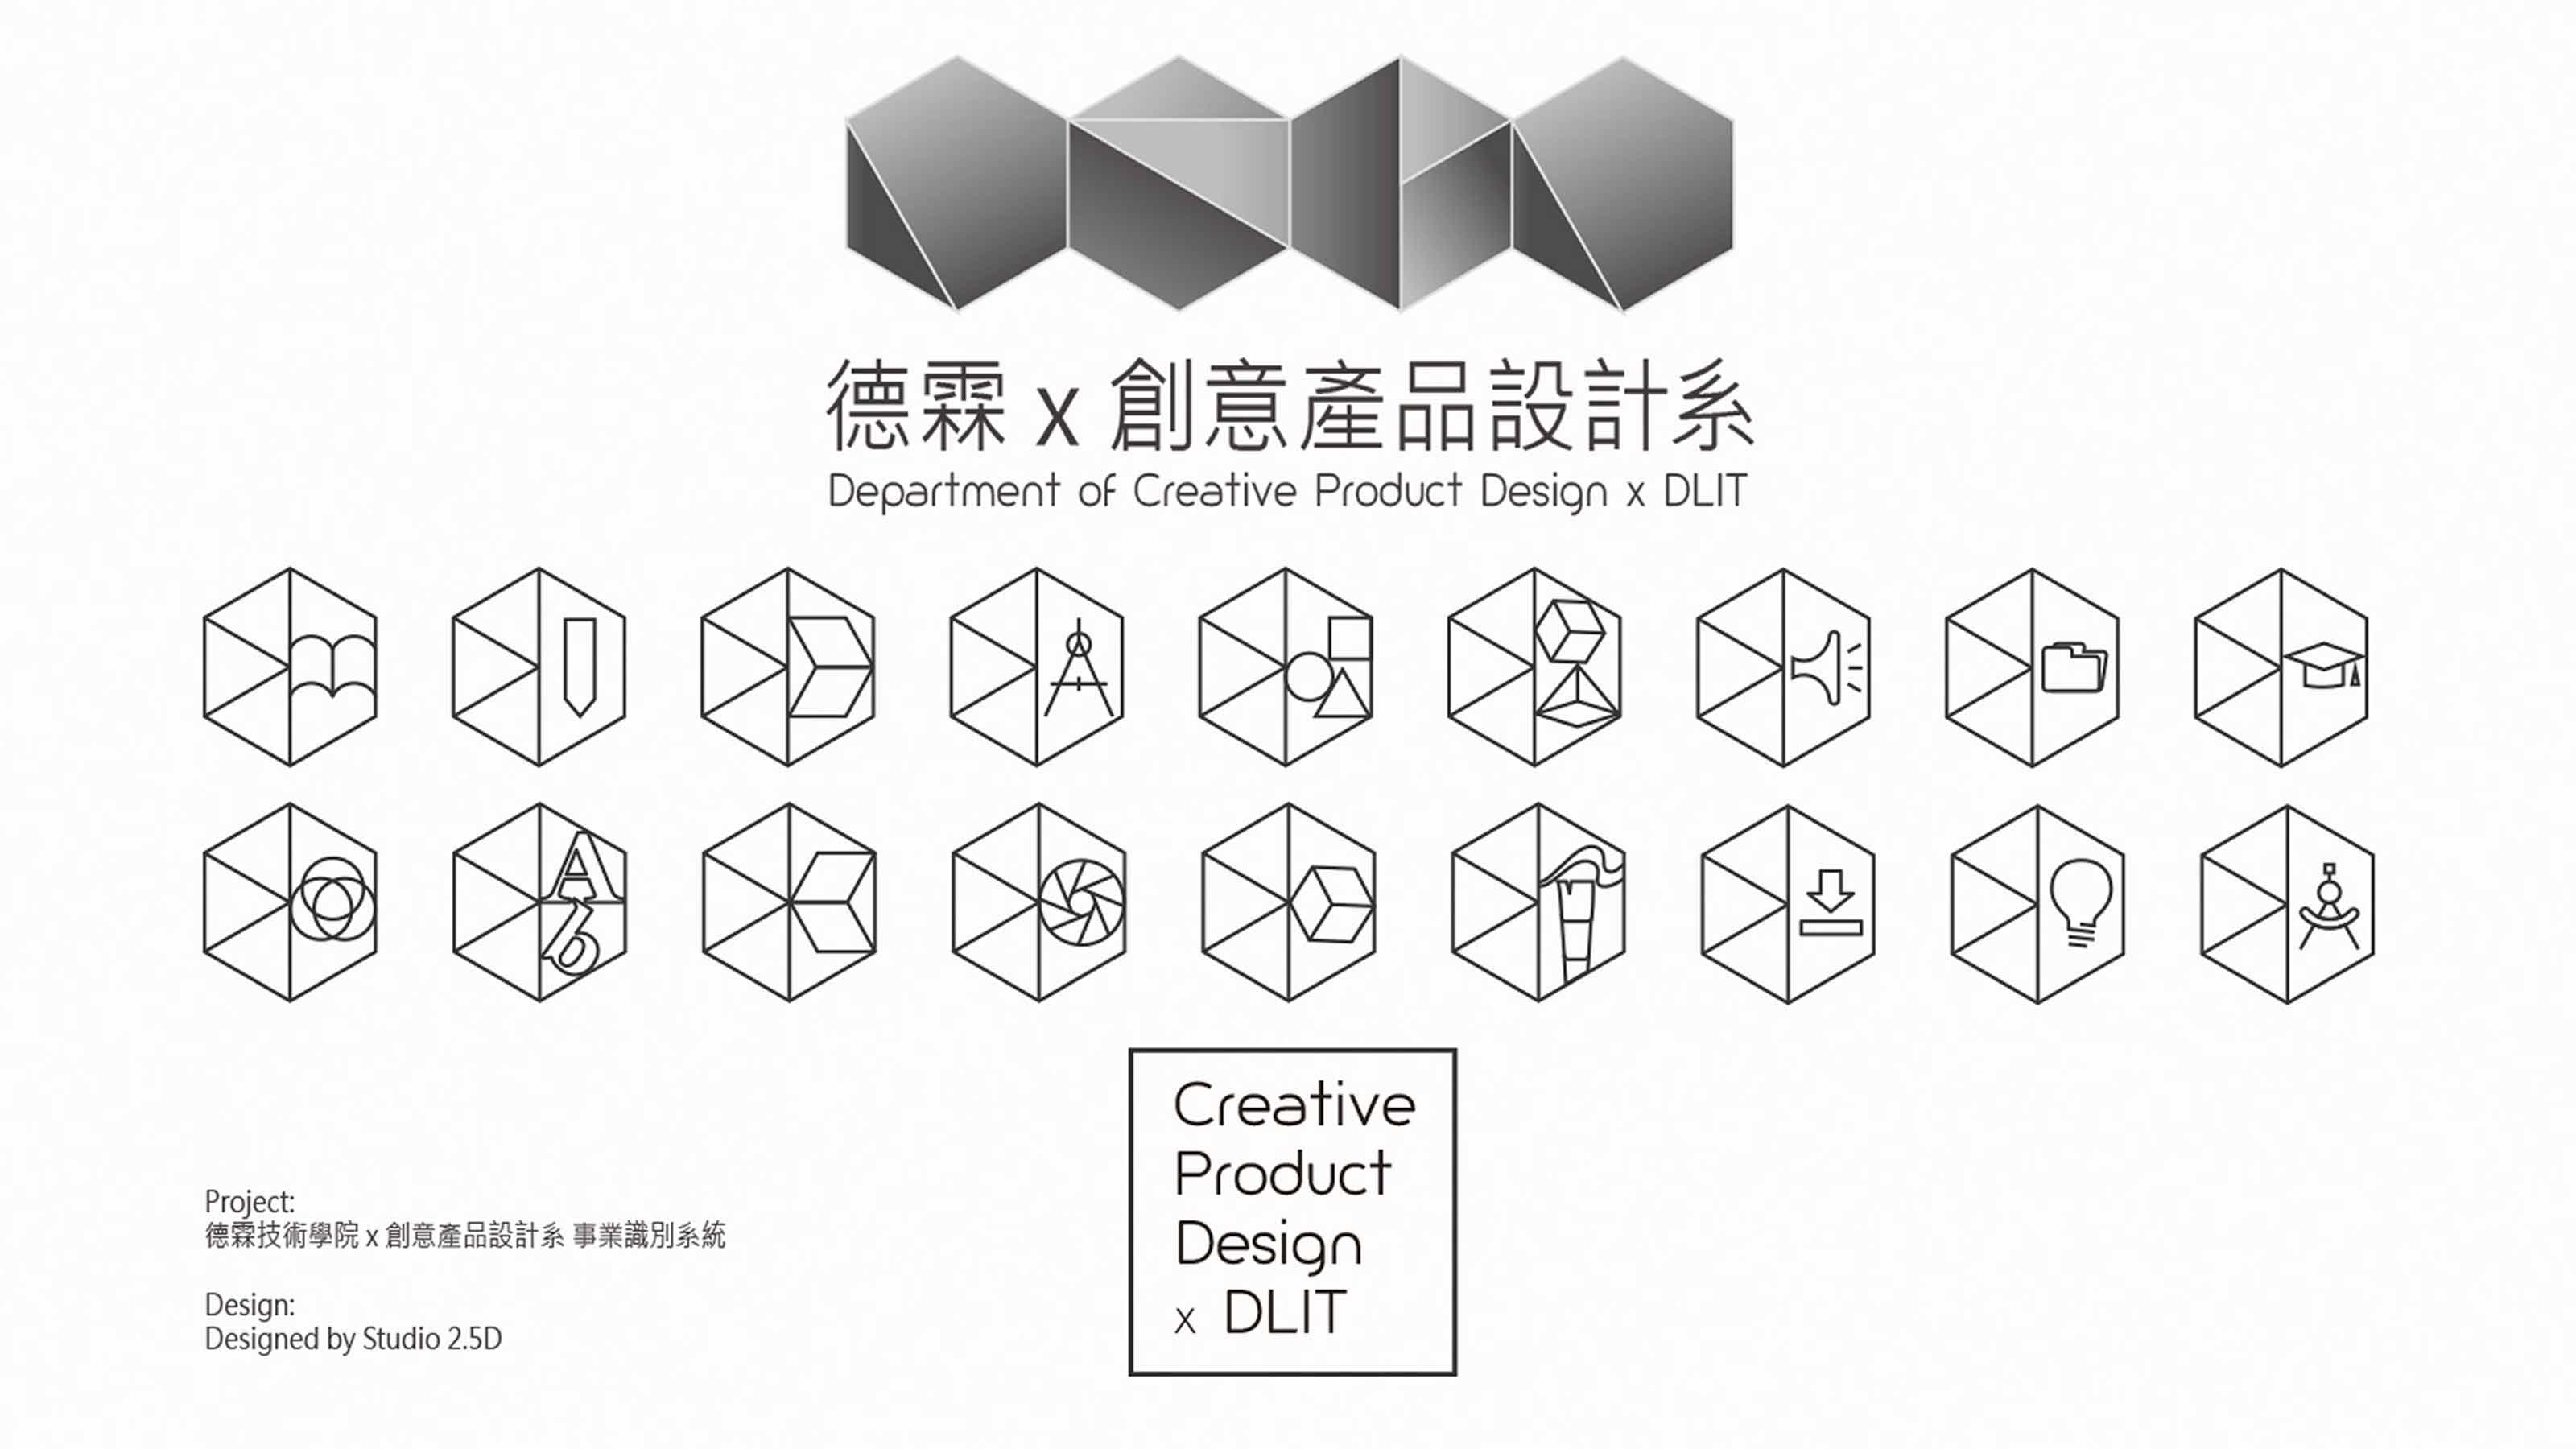 网页设计作品,logo,品牌形象设计,CIS,VI,UX,UI,立体,产品设计,创意,德霖技术学院,平面设计,logo,商标,Trade Mark